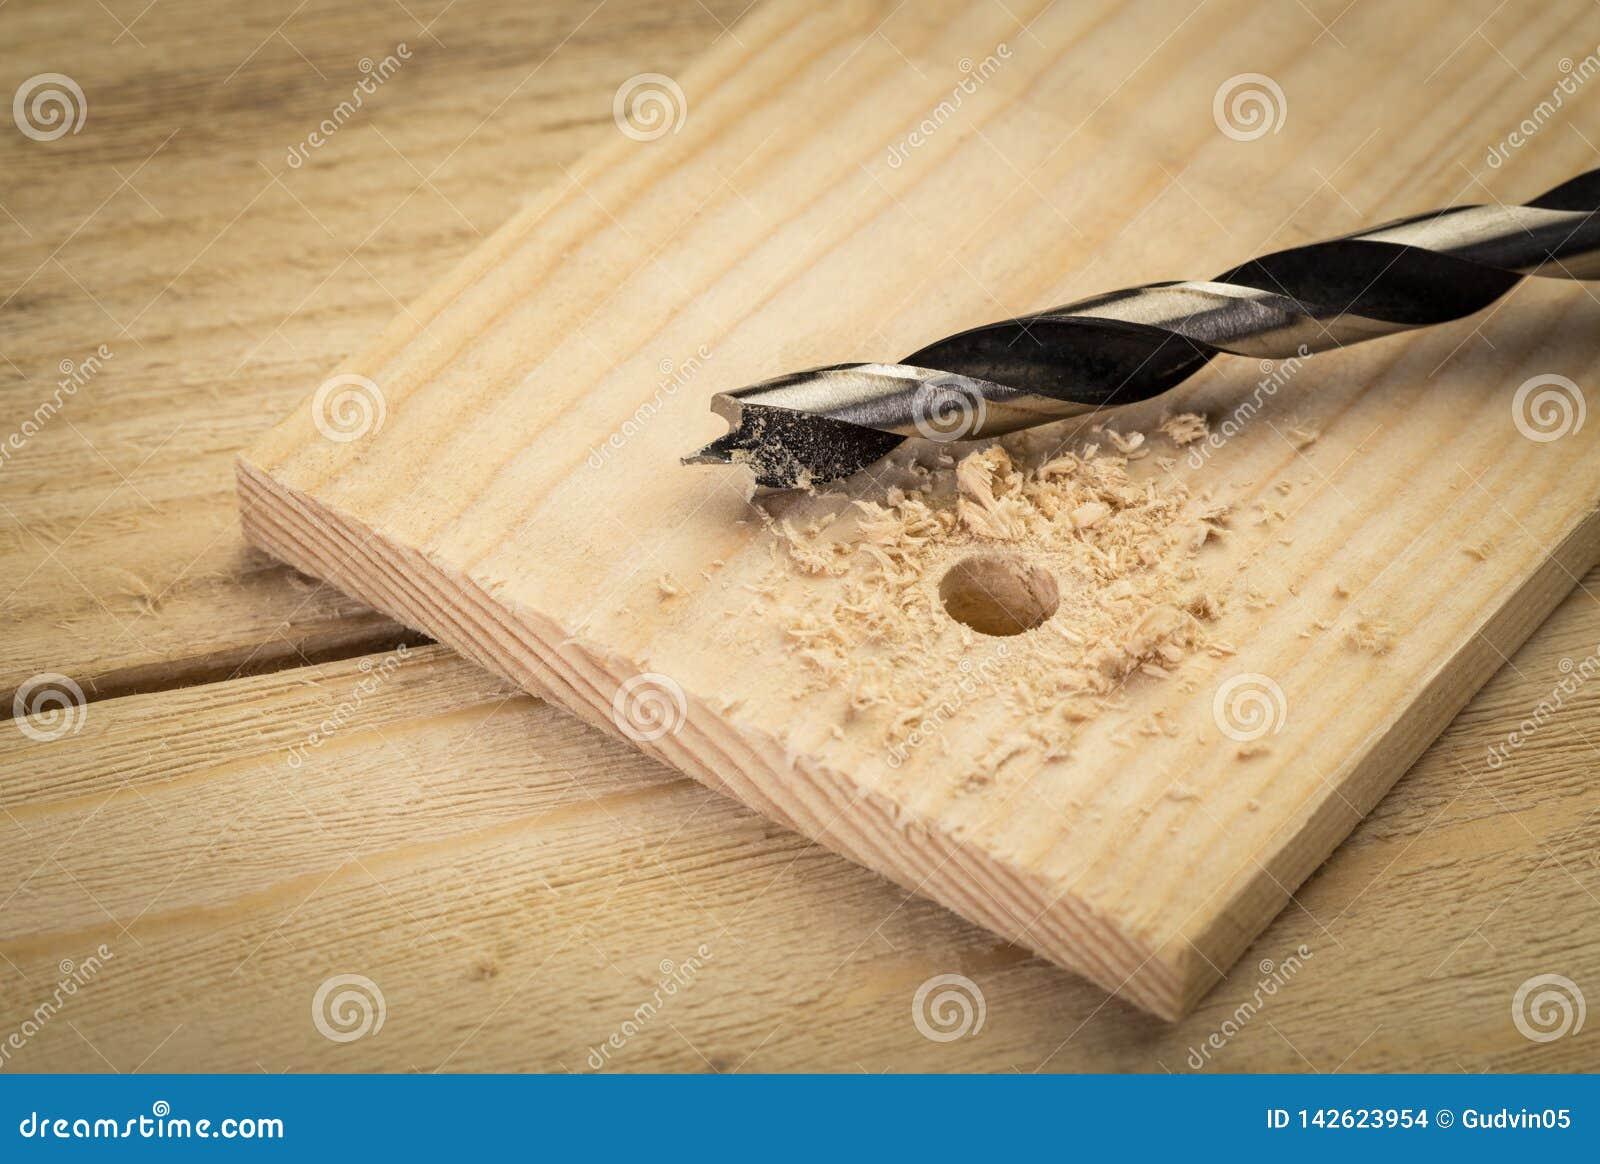 Taglienti del metallo su fondo di legno Diy a casa